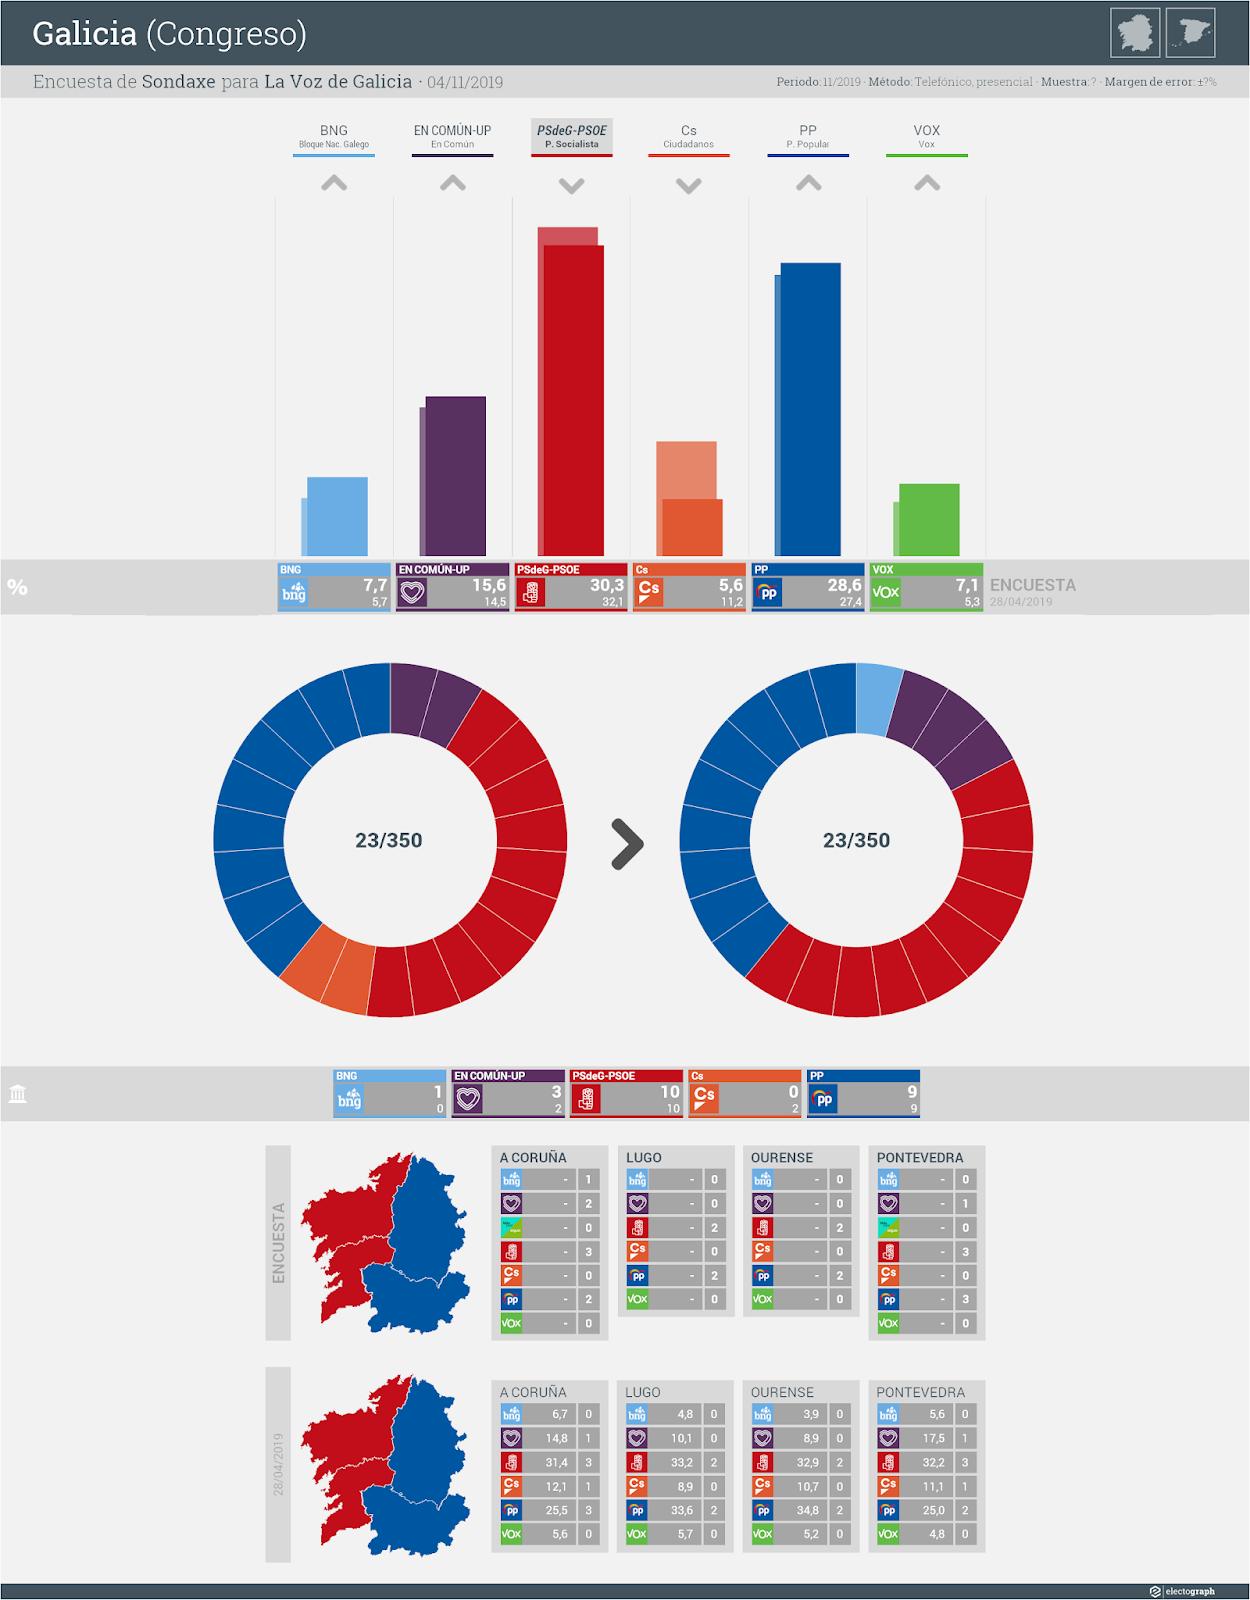 Gráfico de la encuesta para elecciones generales en Galicia realizada por Sondaxe para La Voz de Galicia, 4 de noviembre de 2019